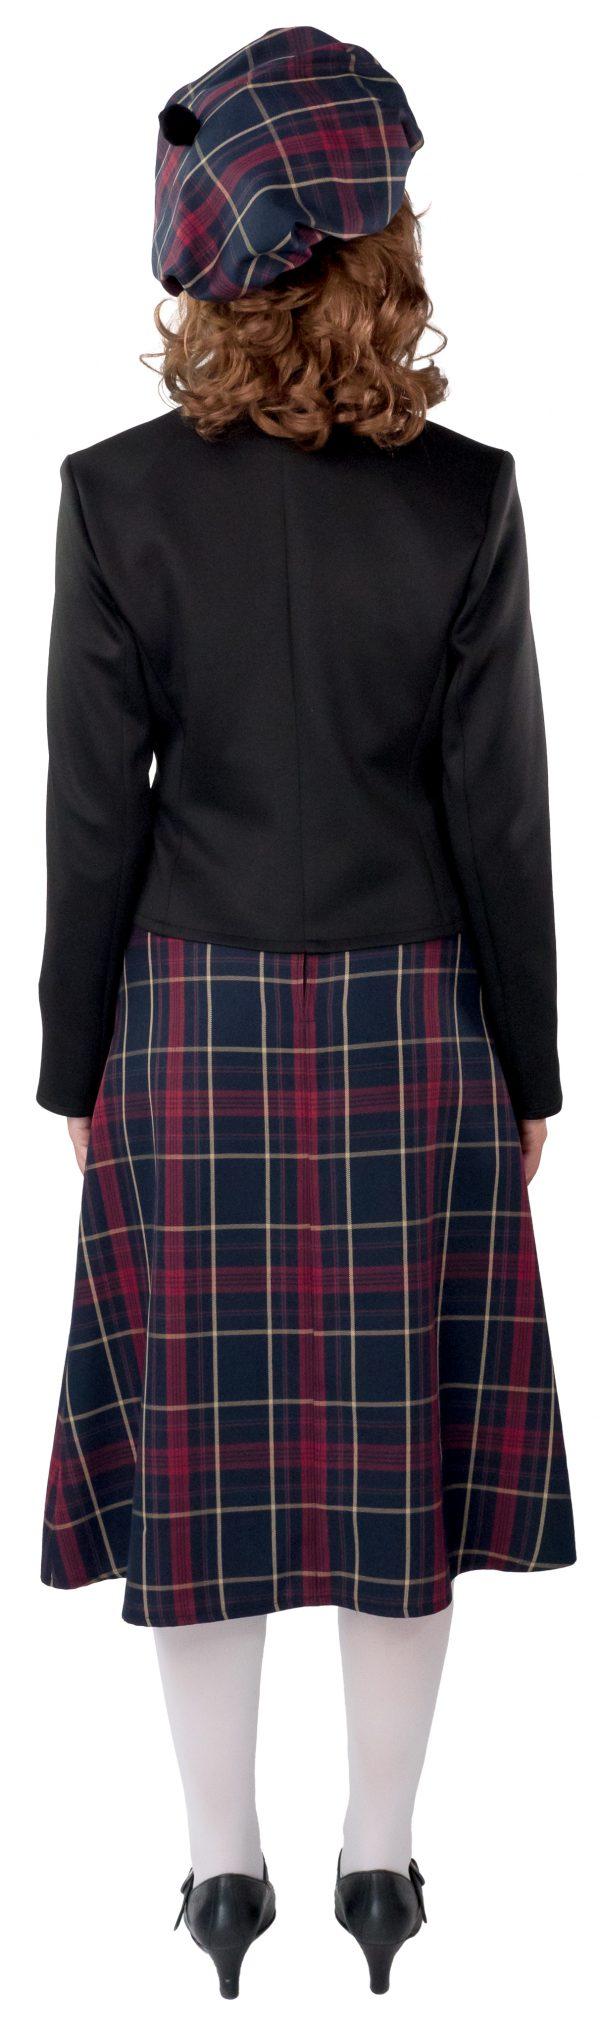 1167 R 600x2038 - Škotski kostum jakna ženska  Deluxe (jakna)